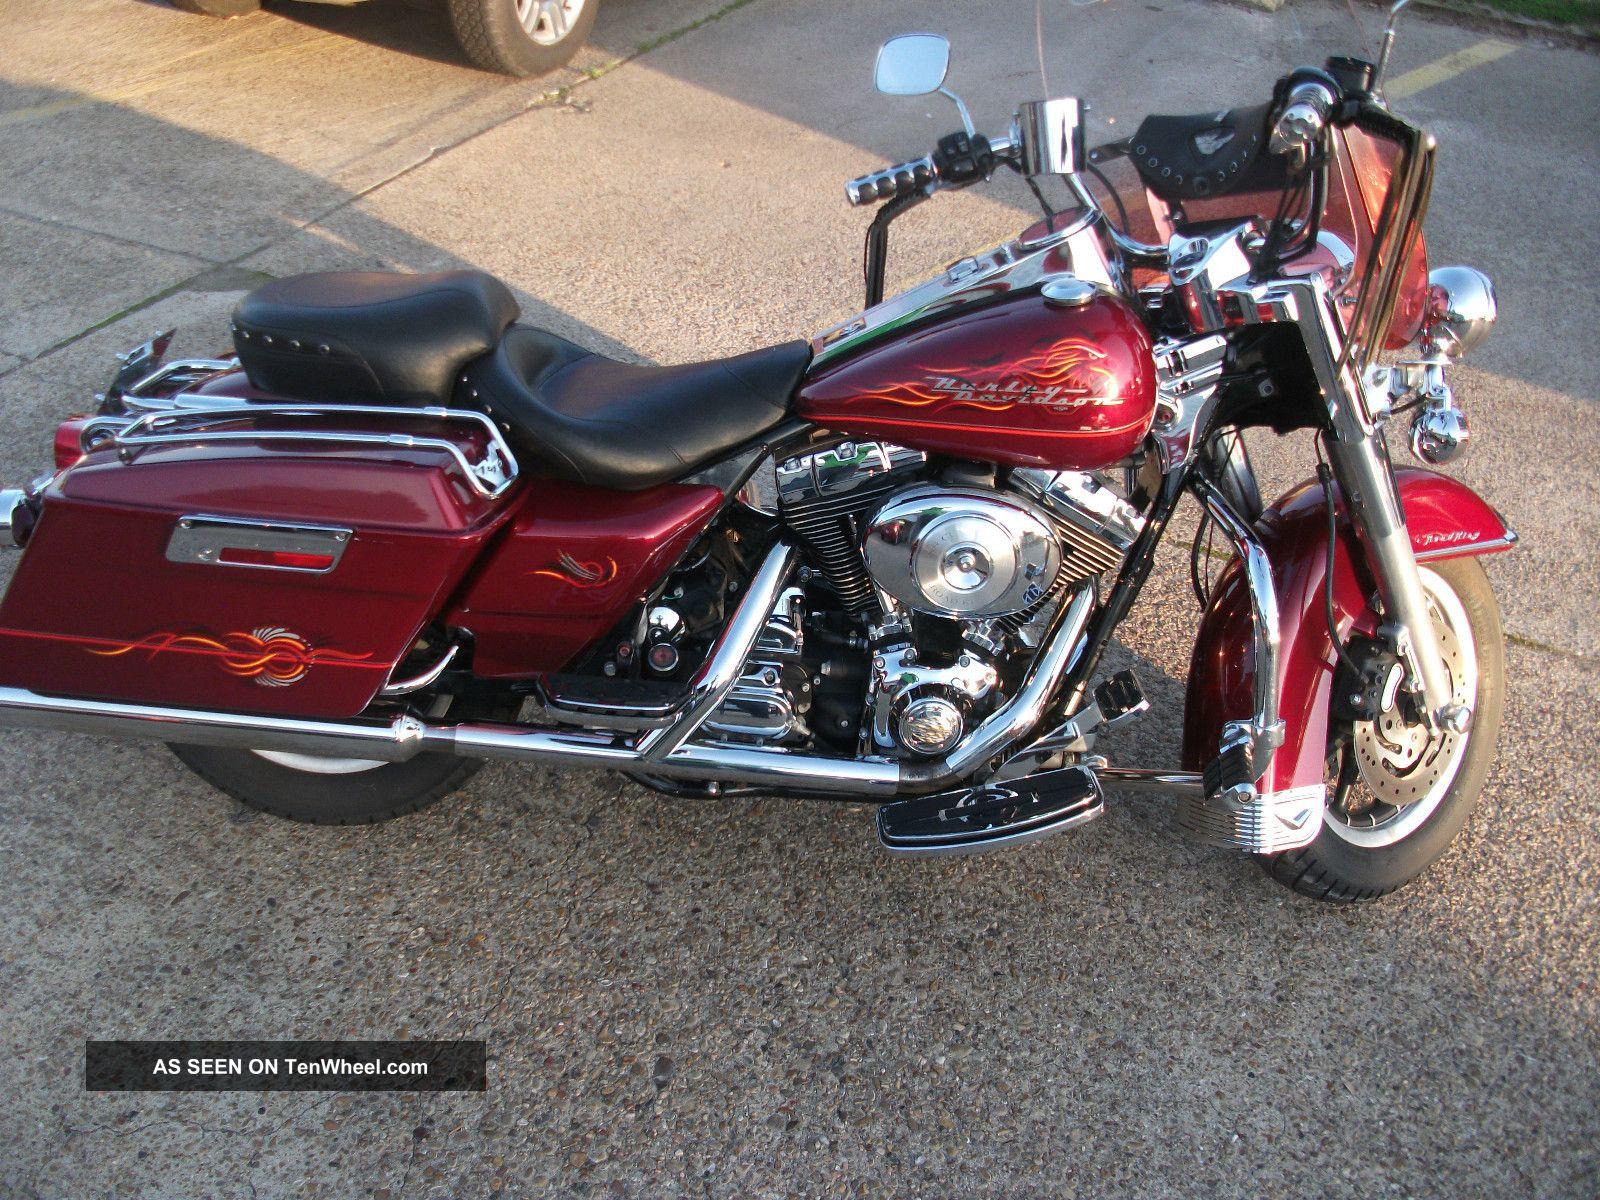 2001 Harley Davidson Road King Touring photo